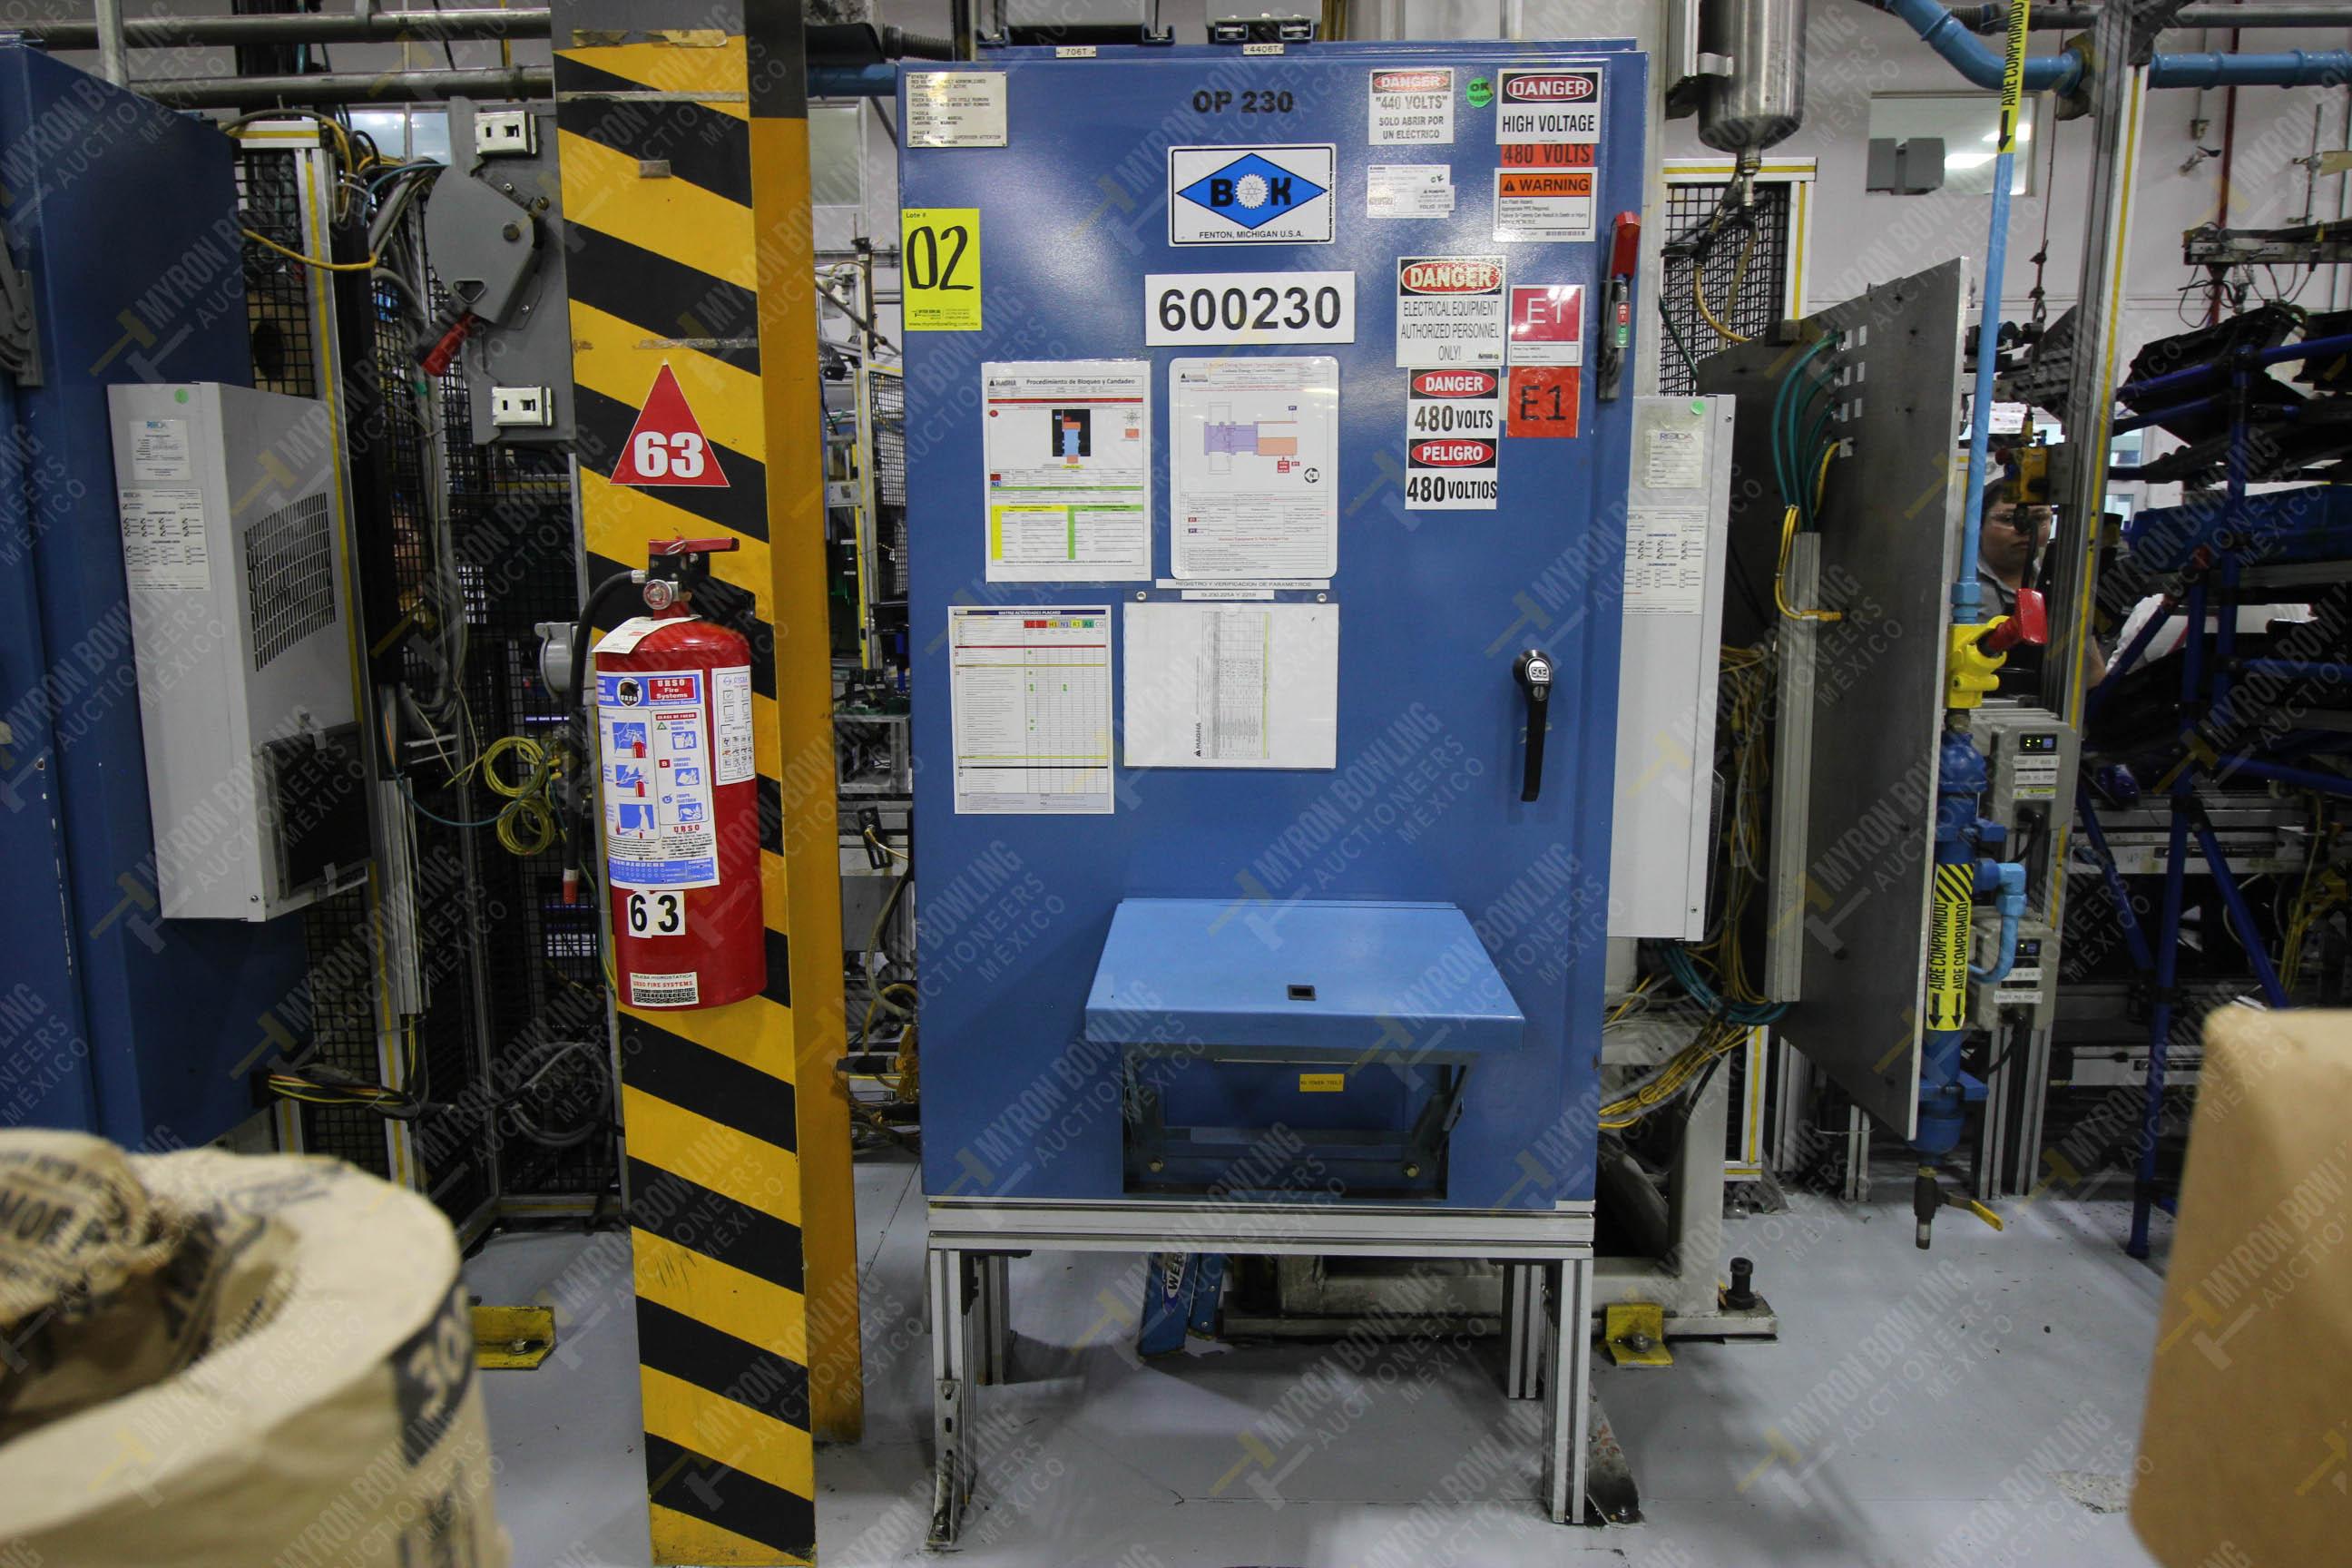 Estación automática para operación 230, para medición de gap - Image 30 of 36